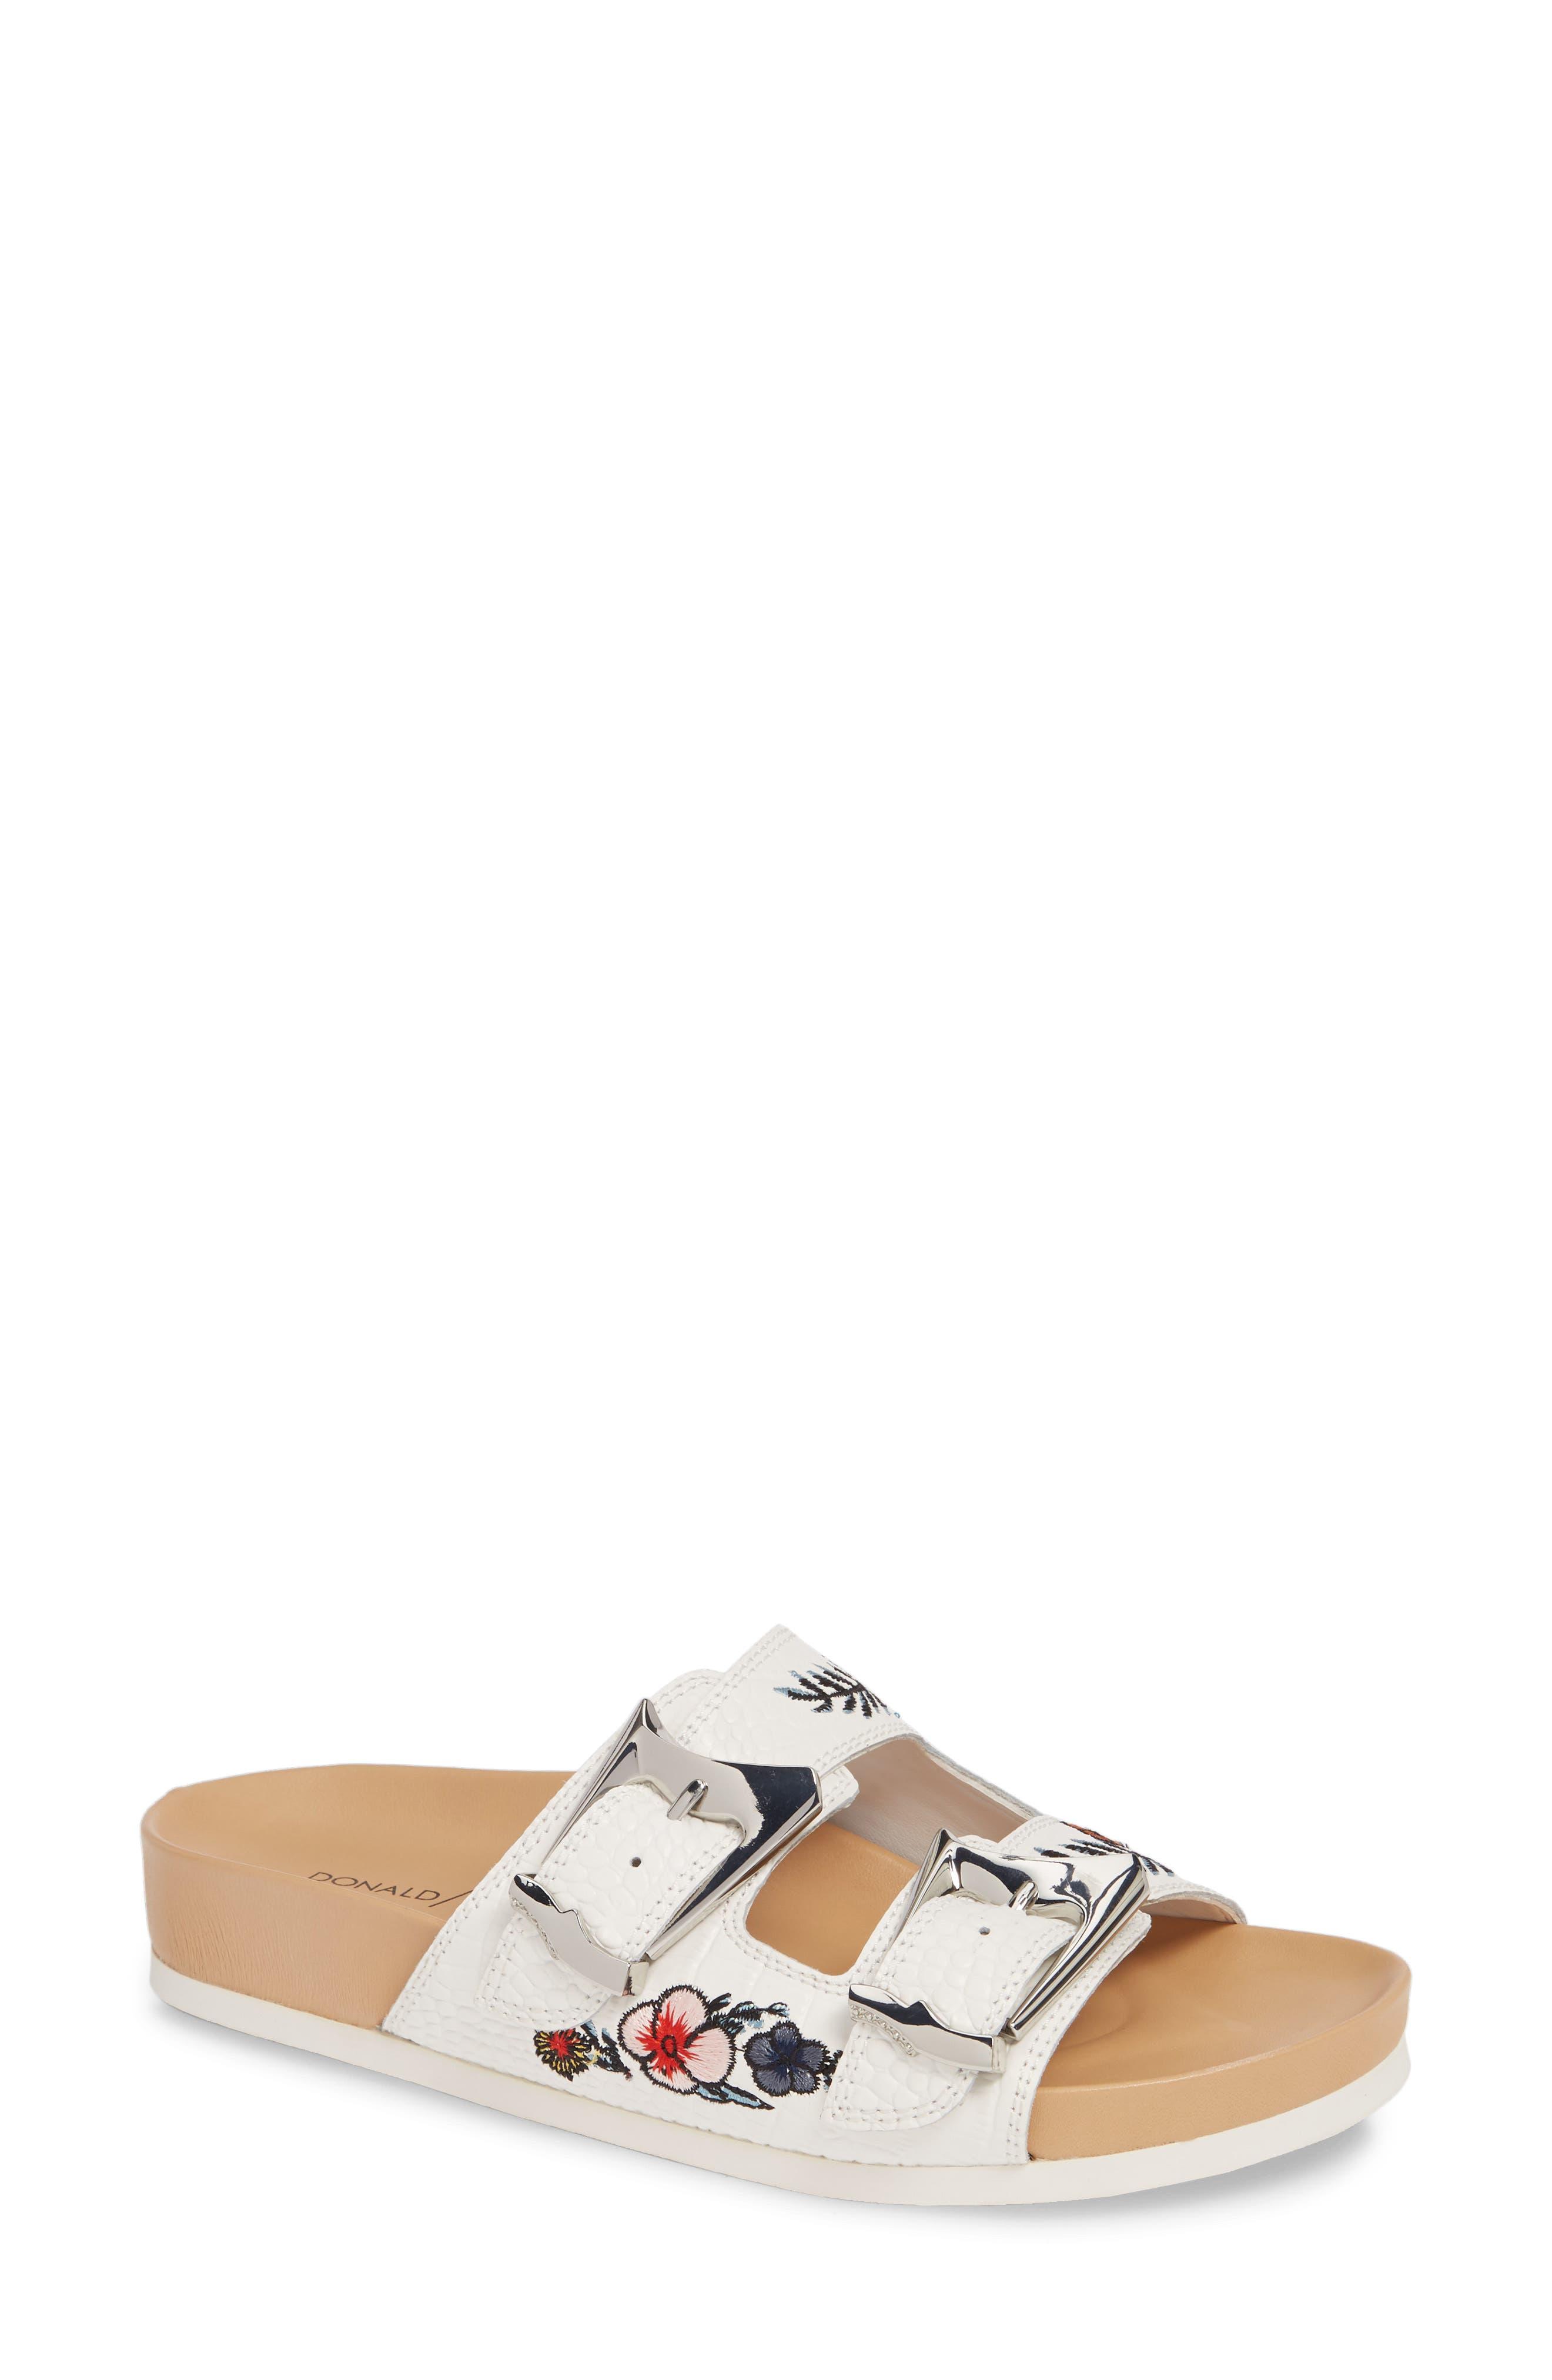 Baylie Embroidered Slide Sandal, Main, color, WHITE